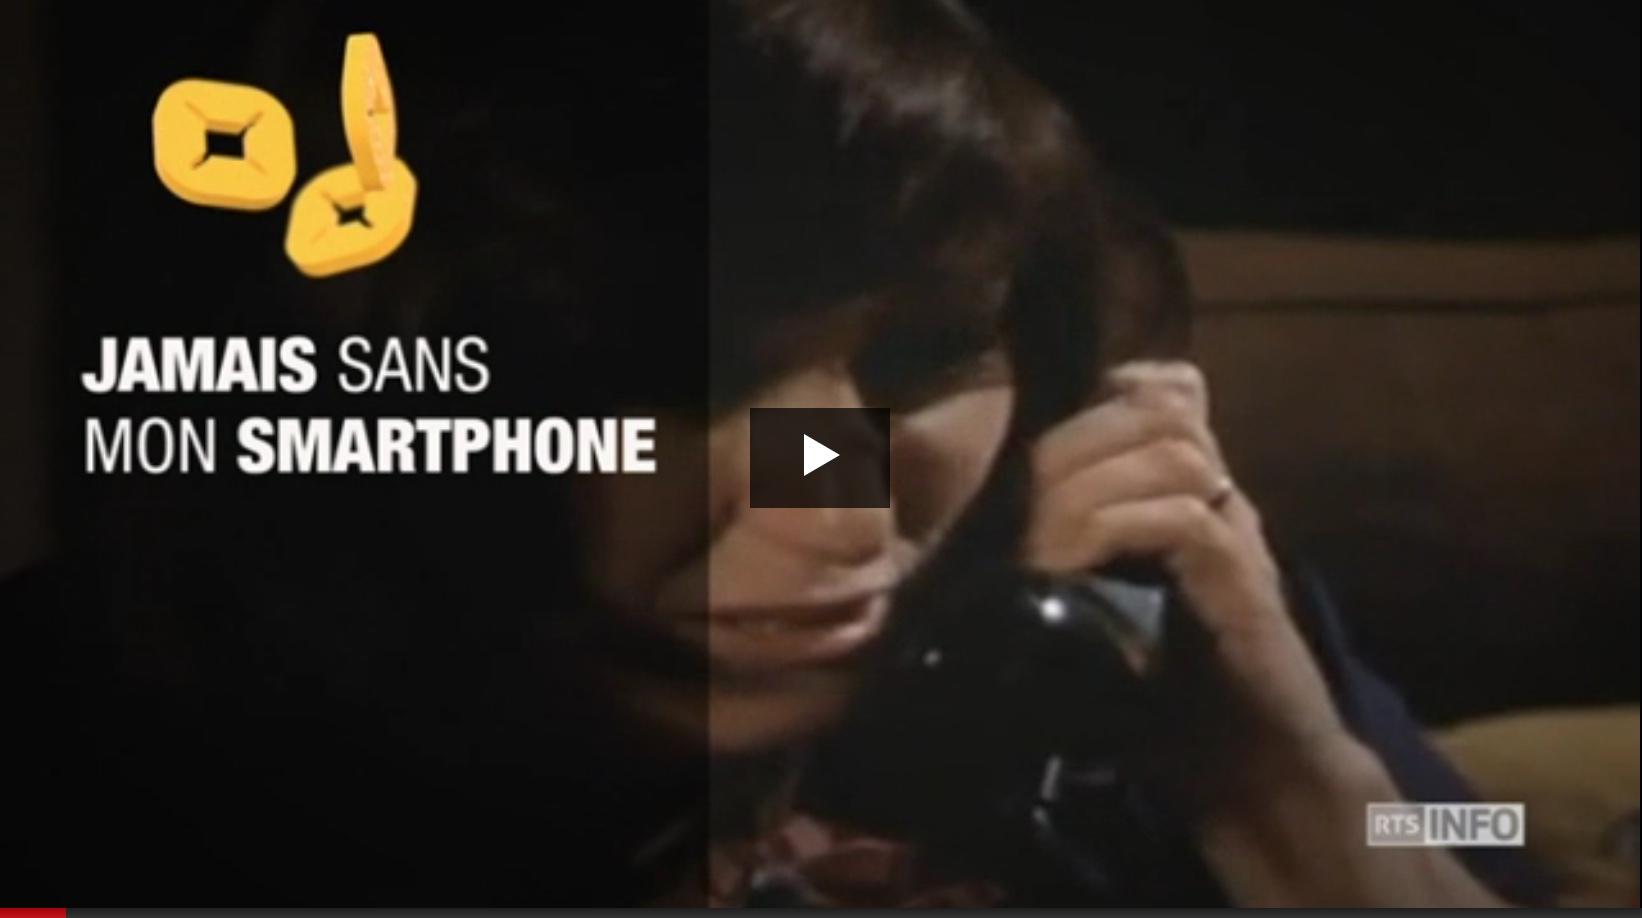 Emission sur l'utilisation des smartphones